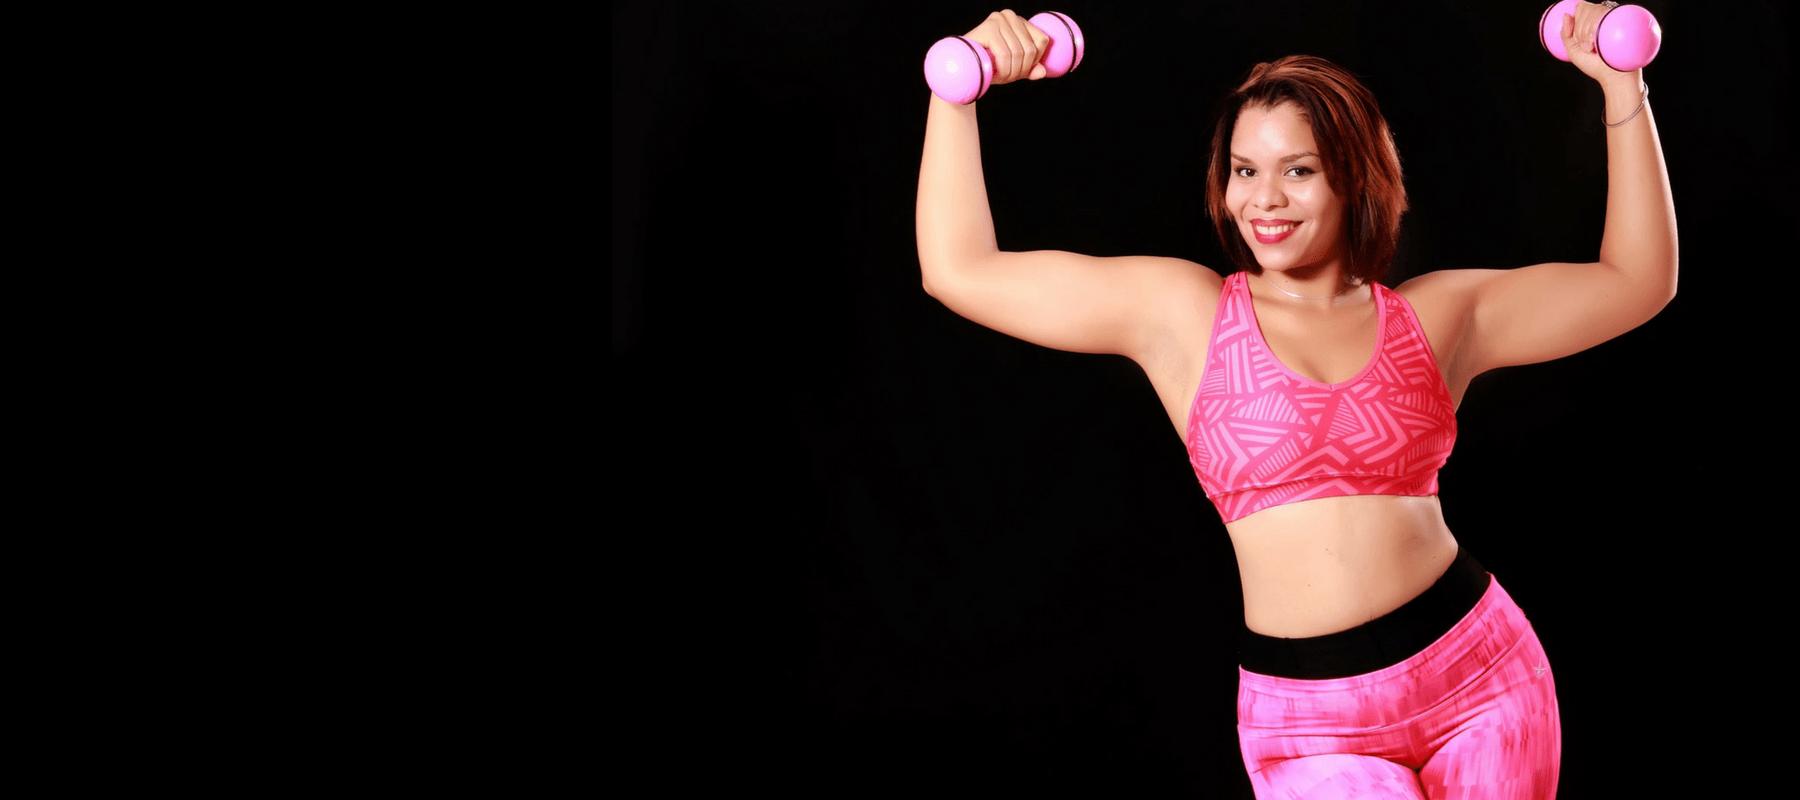 chiseled_girl_fitness_calisthenic_strength_training_for_women_over_50_slider_2b